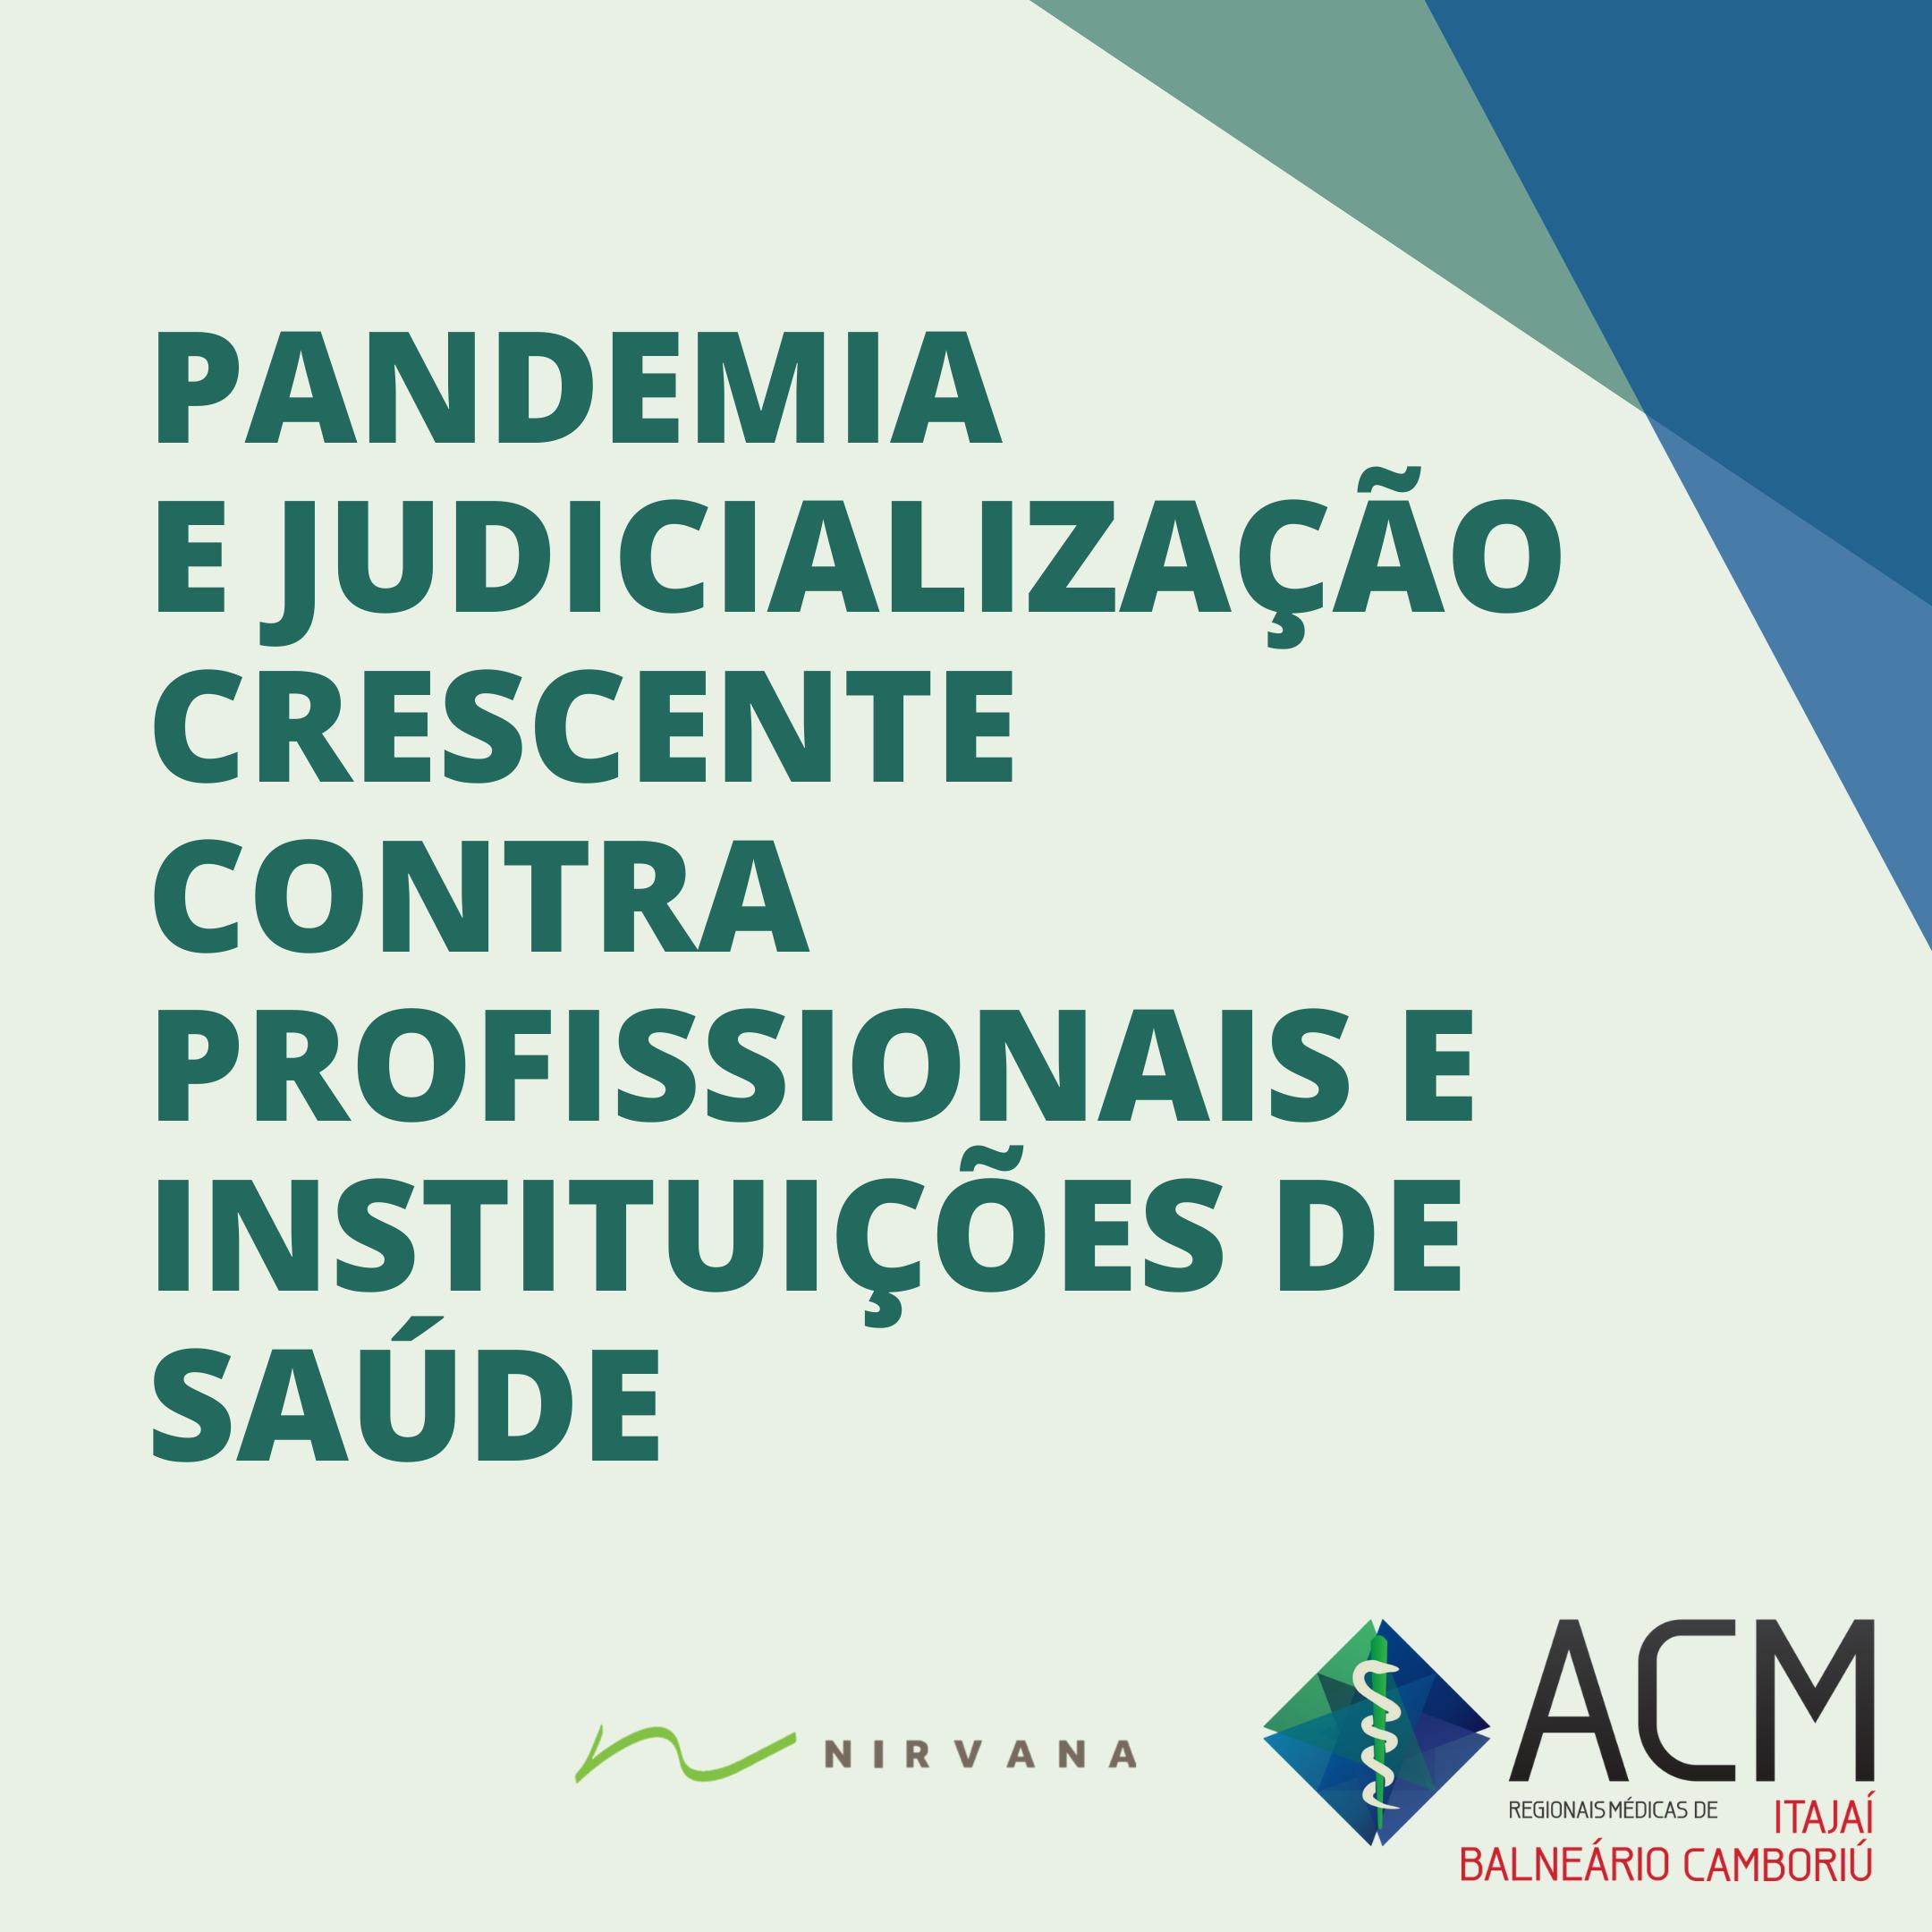 Pandemia e Judicialização Crescente contra Profissionais e Instituições de Saúde